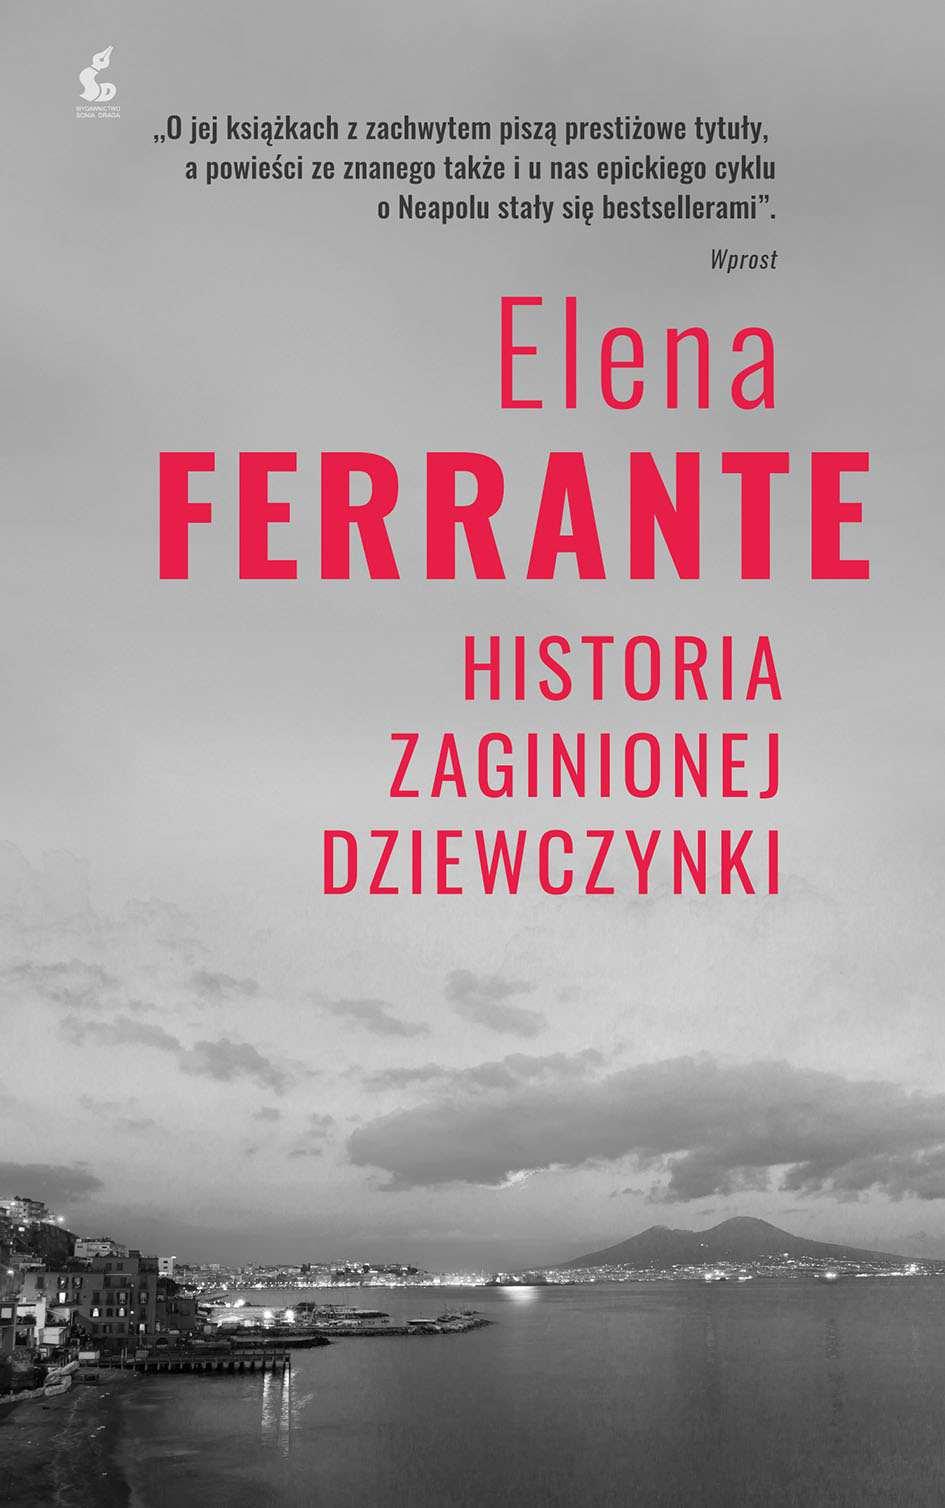 Historia zaginionej dziewczynki - Ebook (Książka na Kindle) do pobrania w formacie MOBI